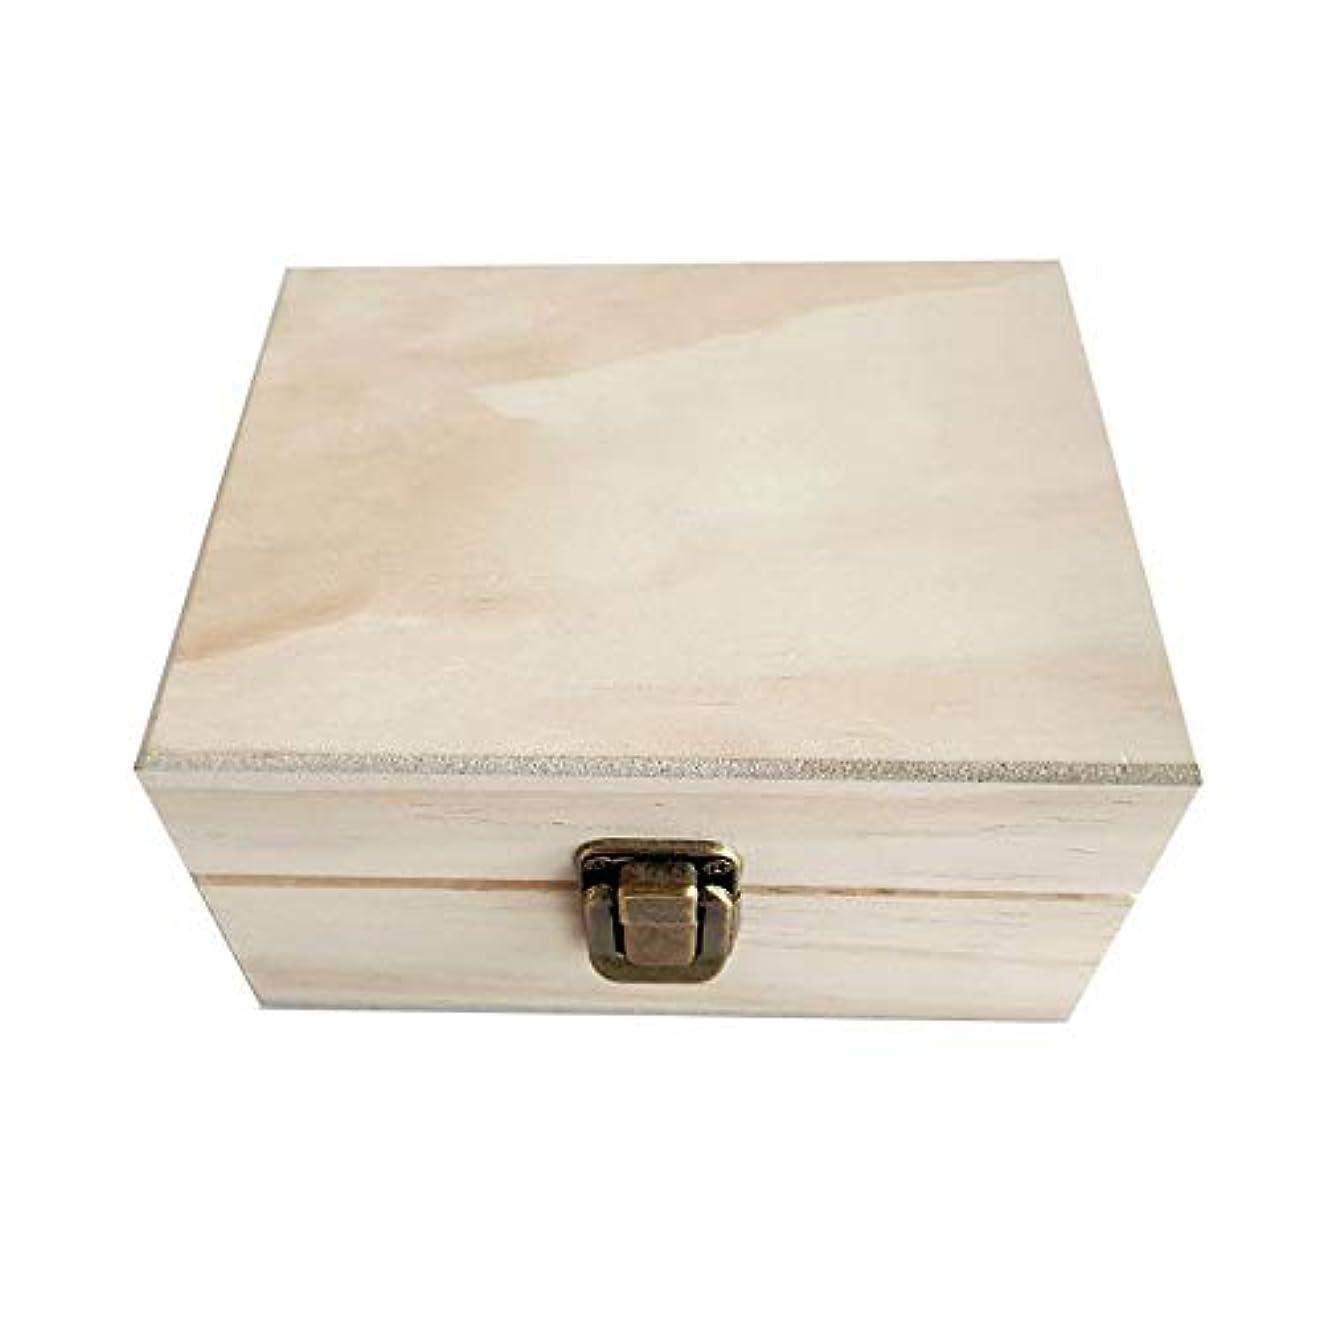 調和のとれた抽象乏しいエッセンシャルオイル収納ボックス 12スロットエッセンシャルオイルボックス木製収納ケースは12本入りエッセンシャルオイルスペースセーバー15x12x8.5cm成り立ちます (色 : Natural, サイズ : 15X12X8.5CM)